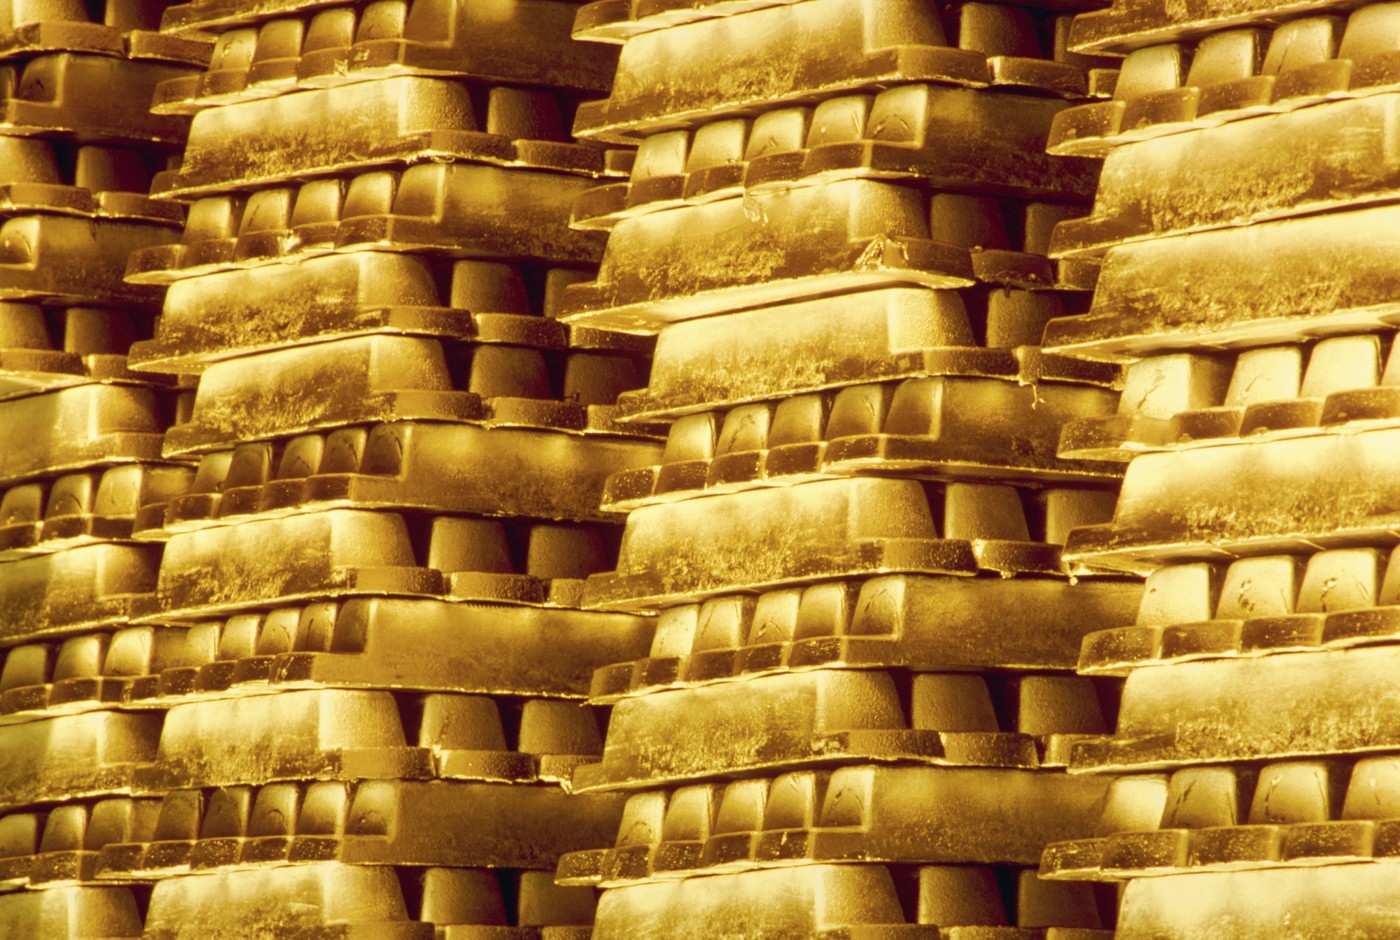 Банк Англии под давлением США отказался вернуть Мадуро золото на $1,2 млрд   Русская весна